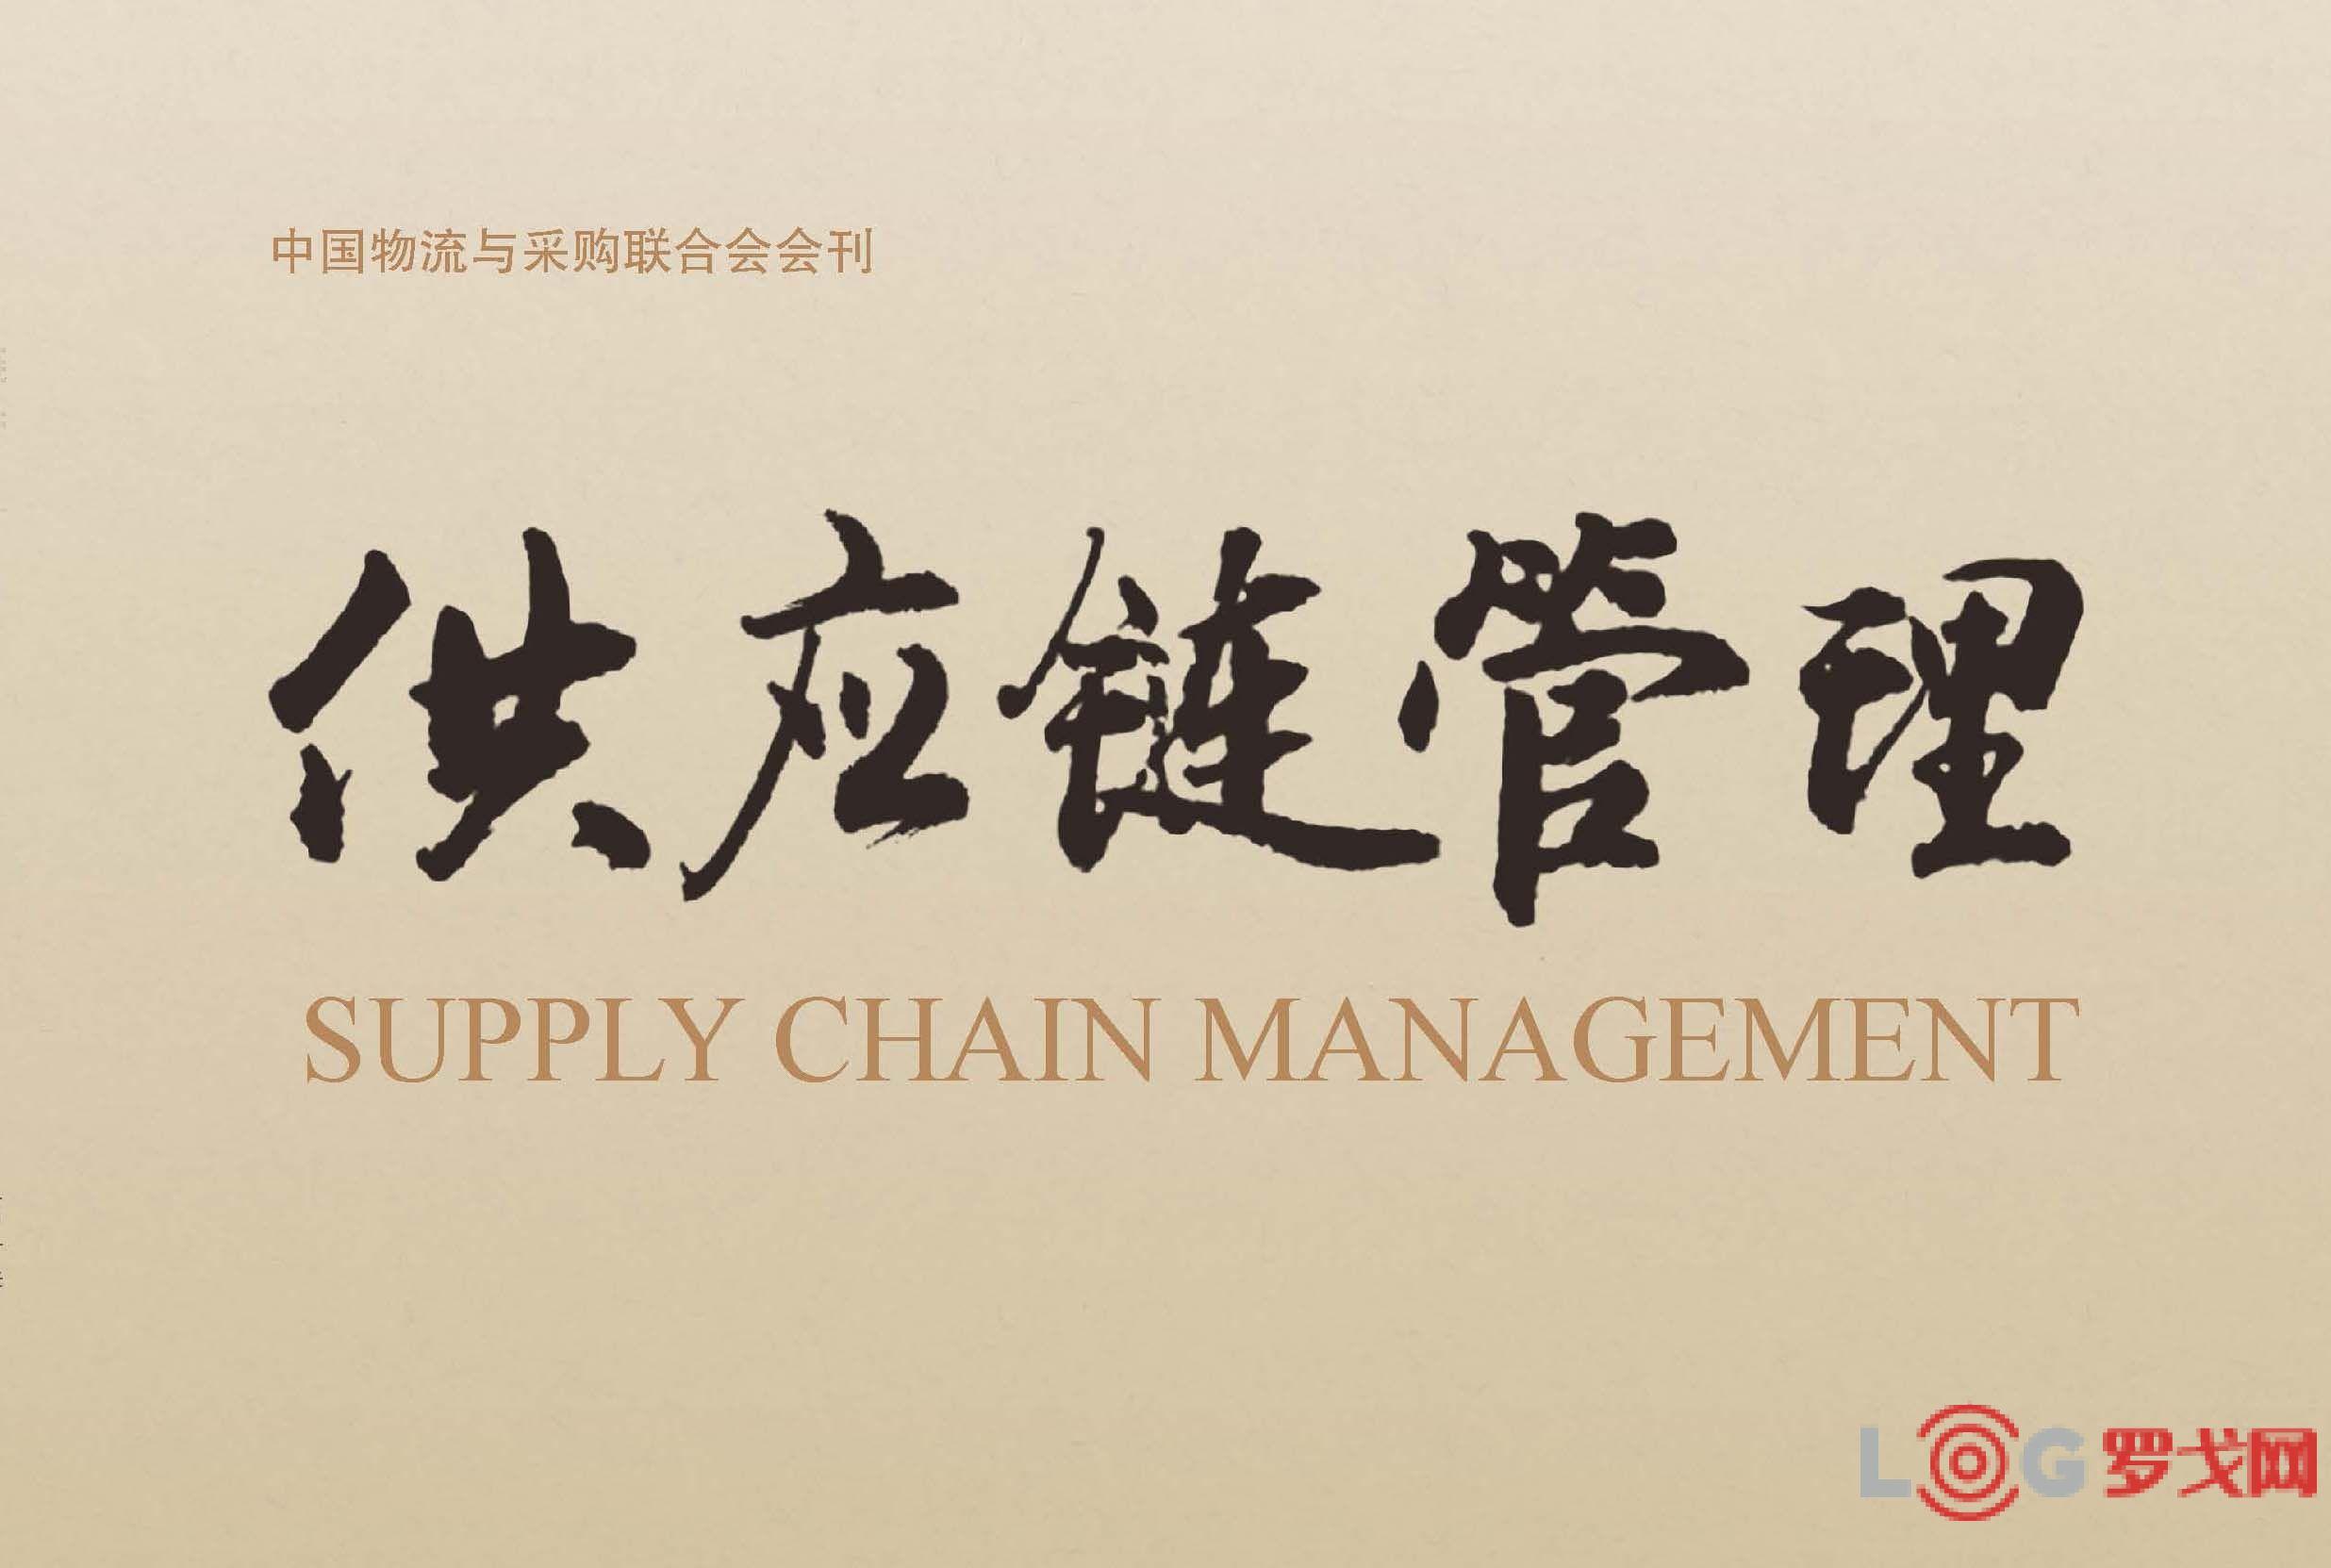 中国唯一《供应链管理》杂志电子版全年订阅